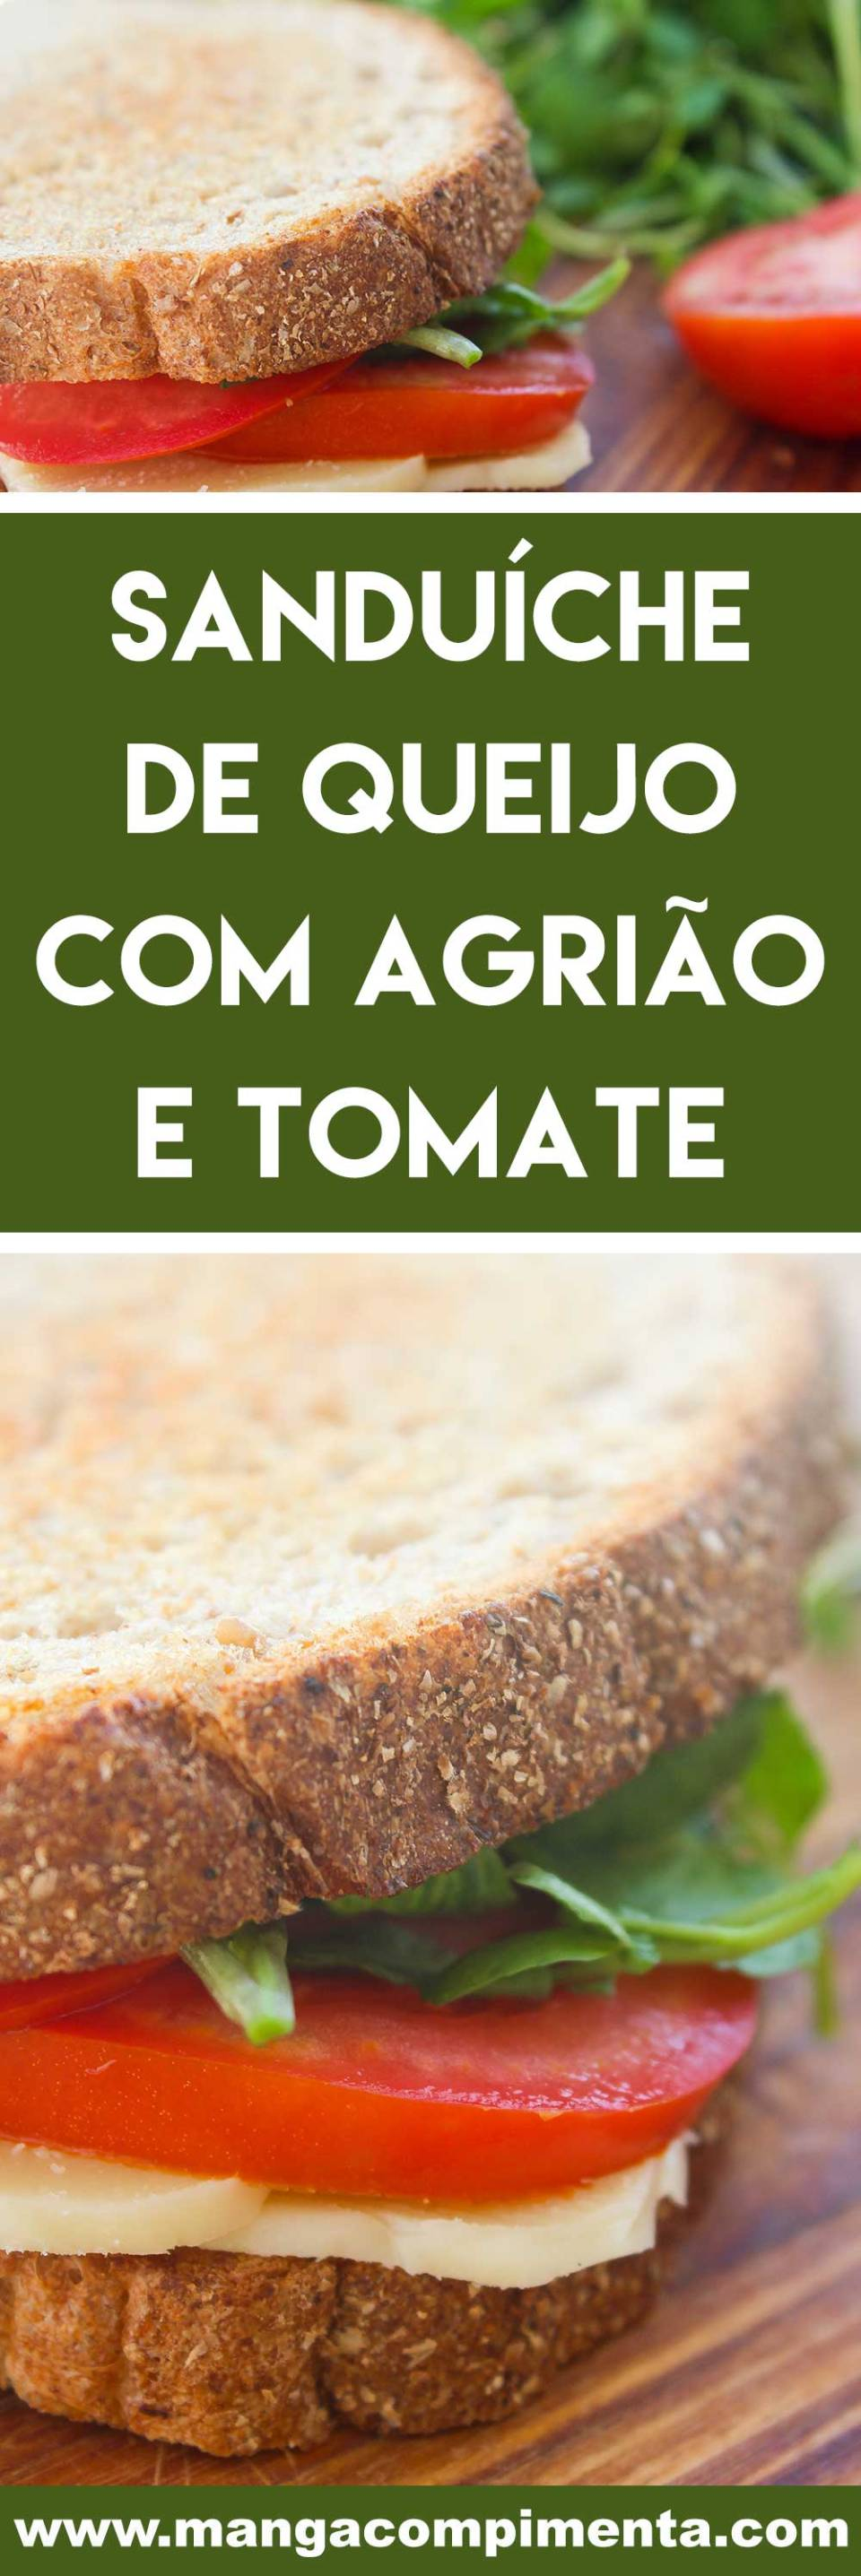 Receita de Sanduíche de Queijo com Agrião e Tomate - um lanche natural e delicioso para os dias quentes de verão.